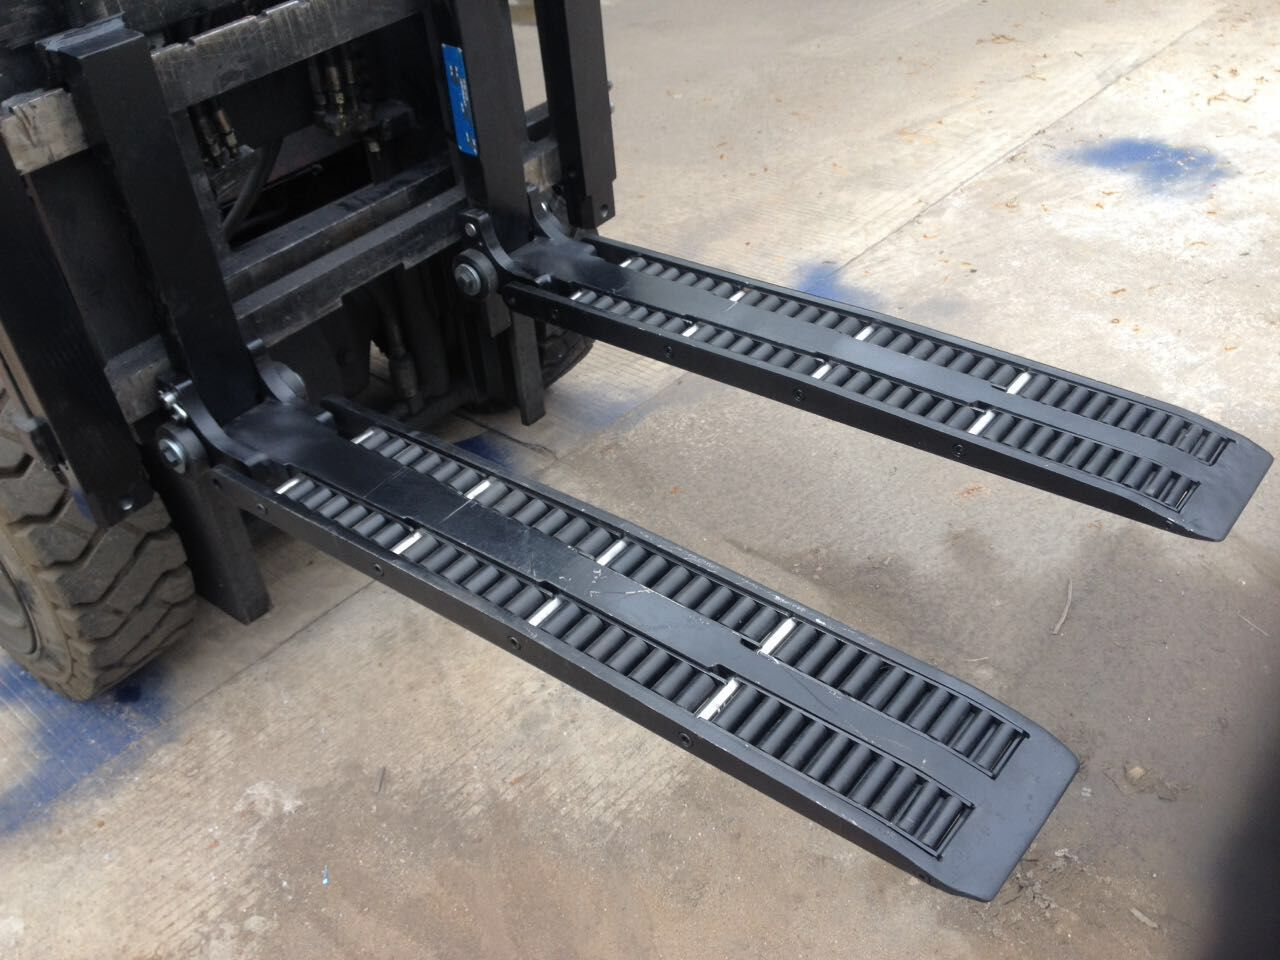 Taipkan forks roda roda forklift WF2A1100 untuk dijual